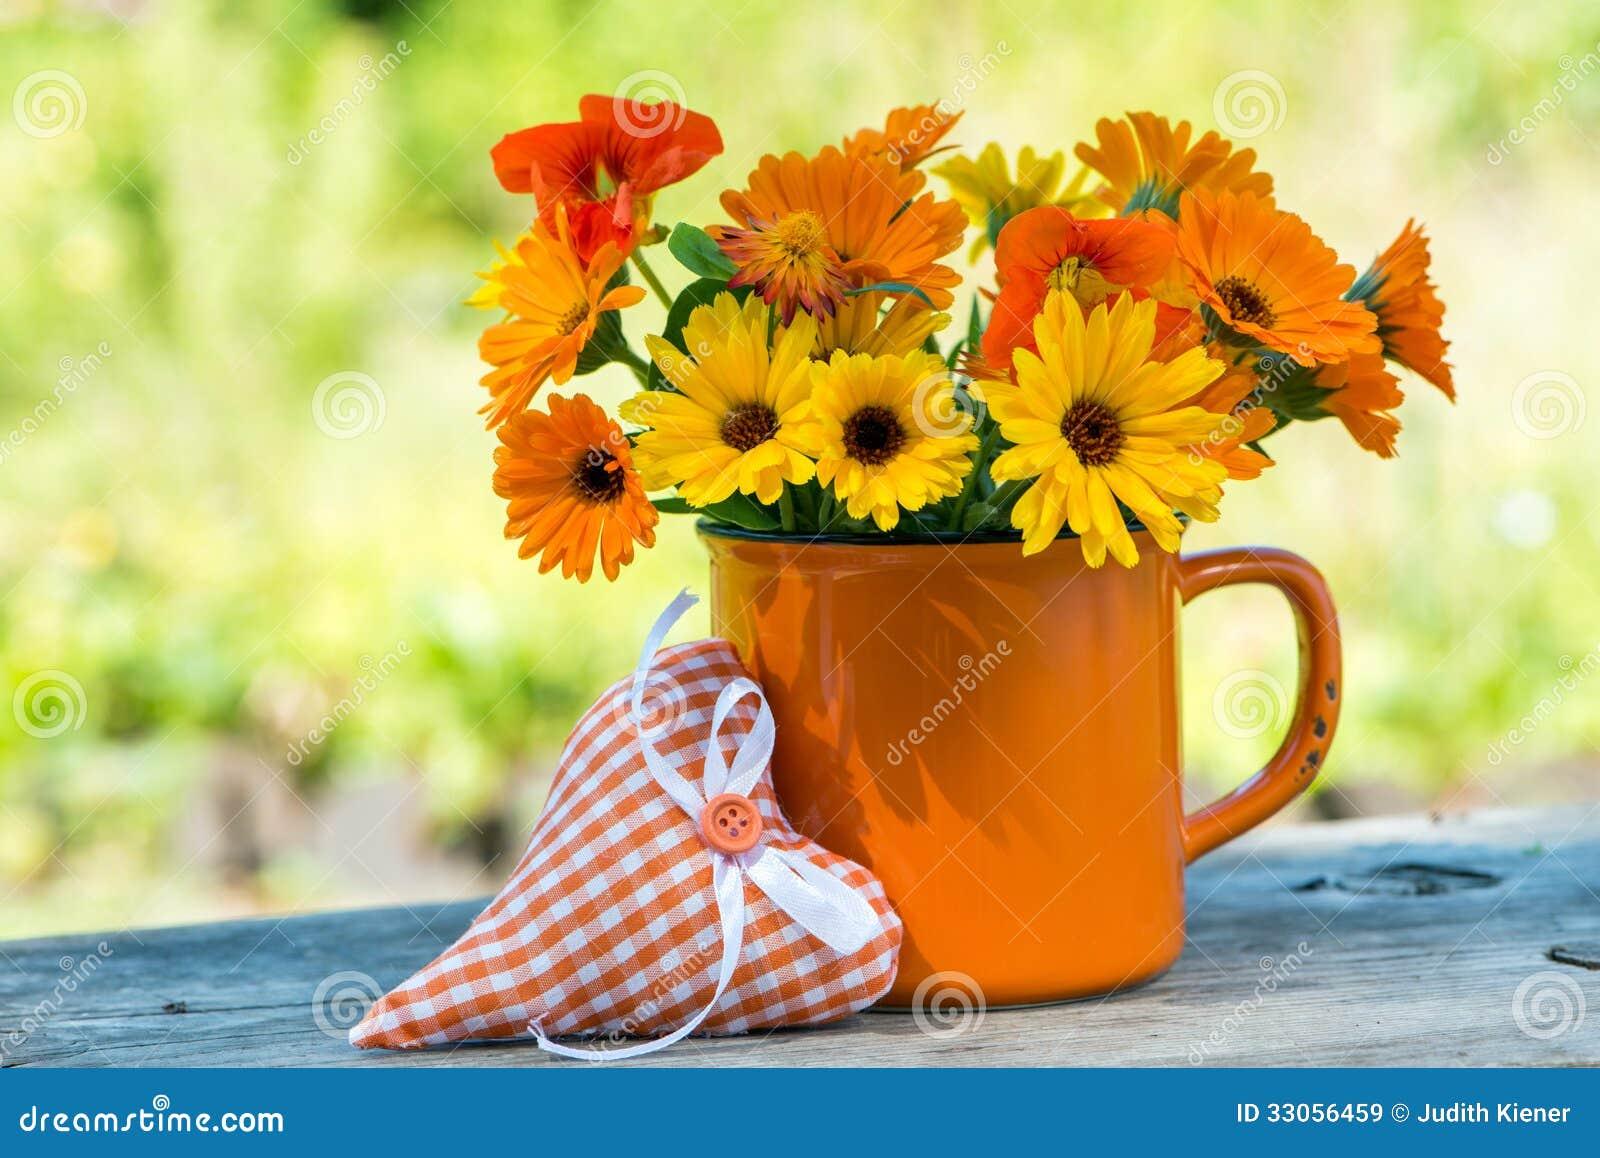 """Résultat de recherche d'images pour """"fleurs d'été"""""""